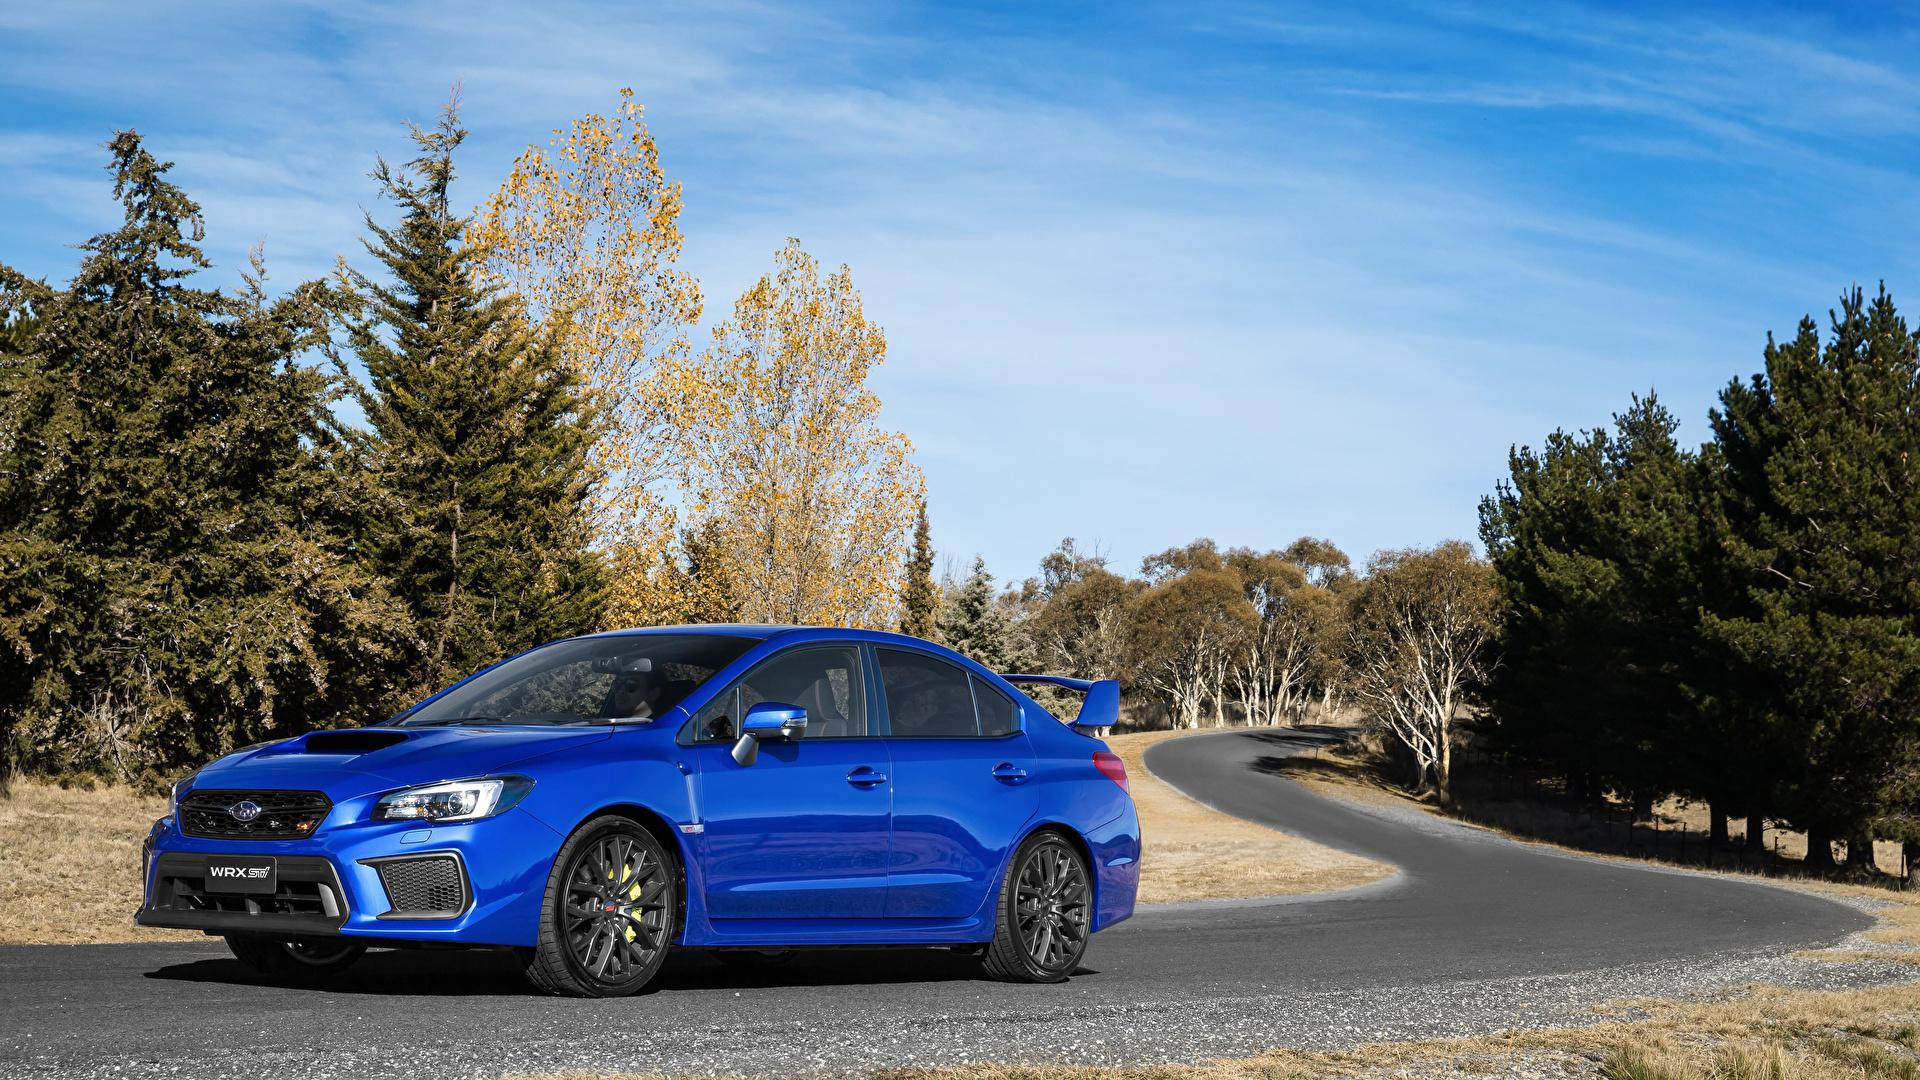 Fondos De Pantalla 1920x1080 Subaru 2017 Wrx Sti Azul